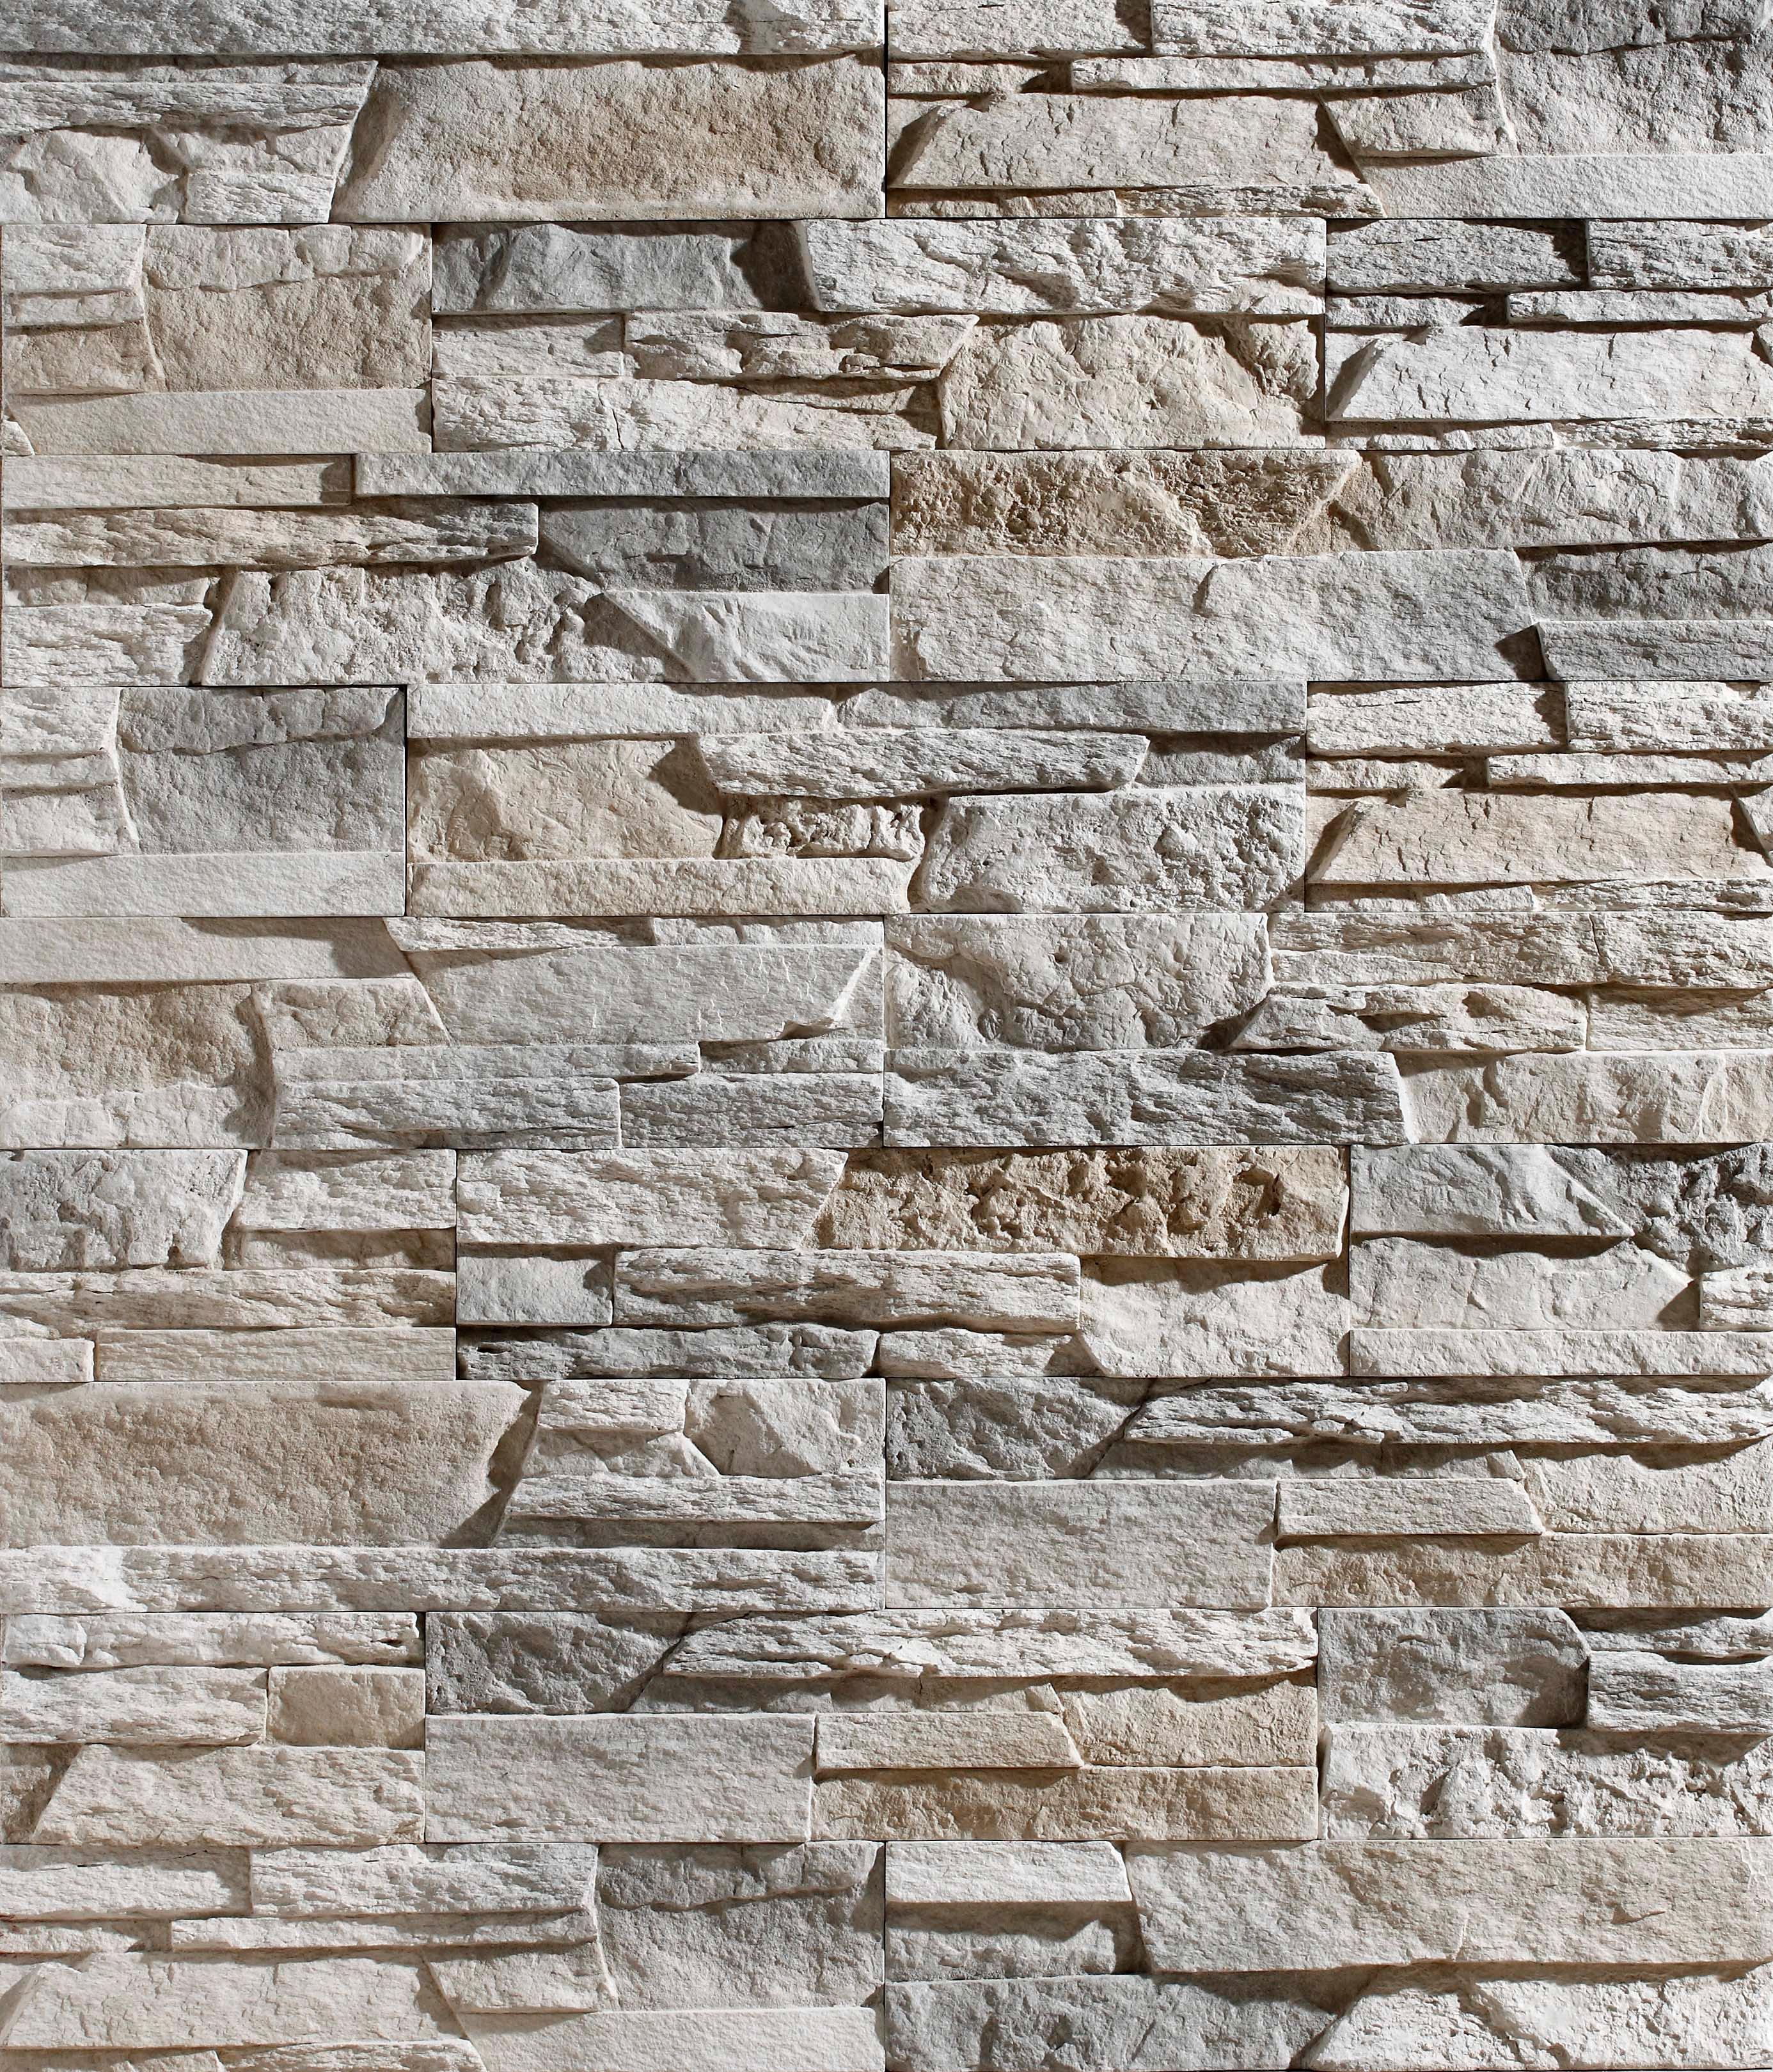 Celina Klinker Verblendsteine »Nepal« | Baumarkt > Wand und Decke > Verblendsteine | CELINA KLINKER